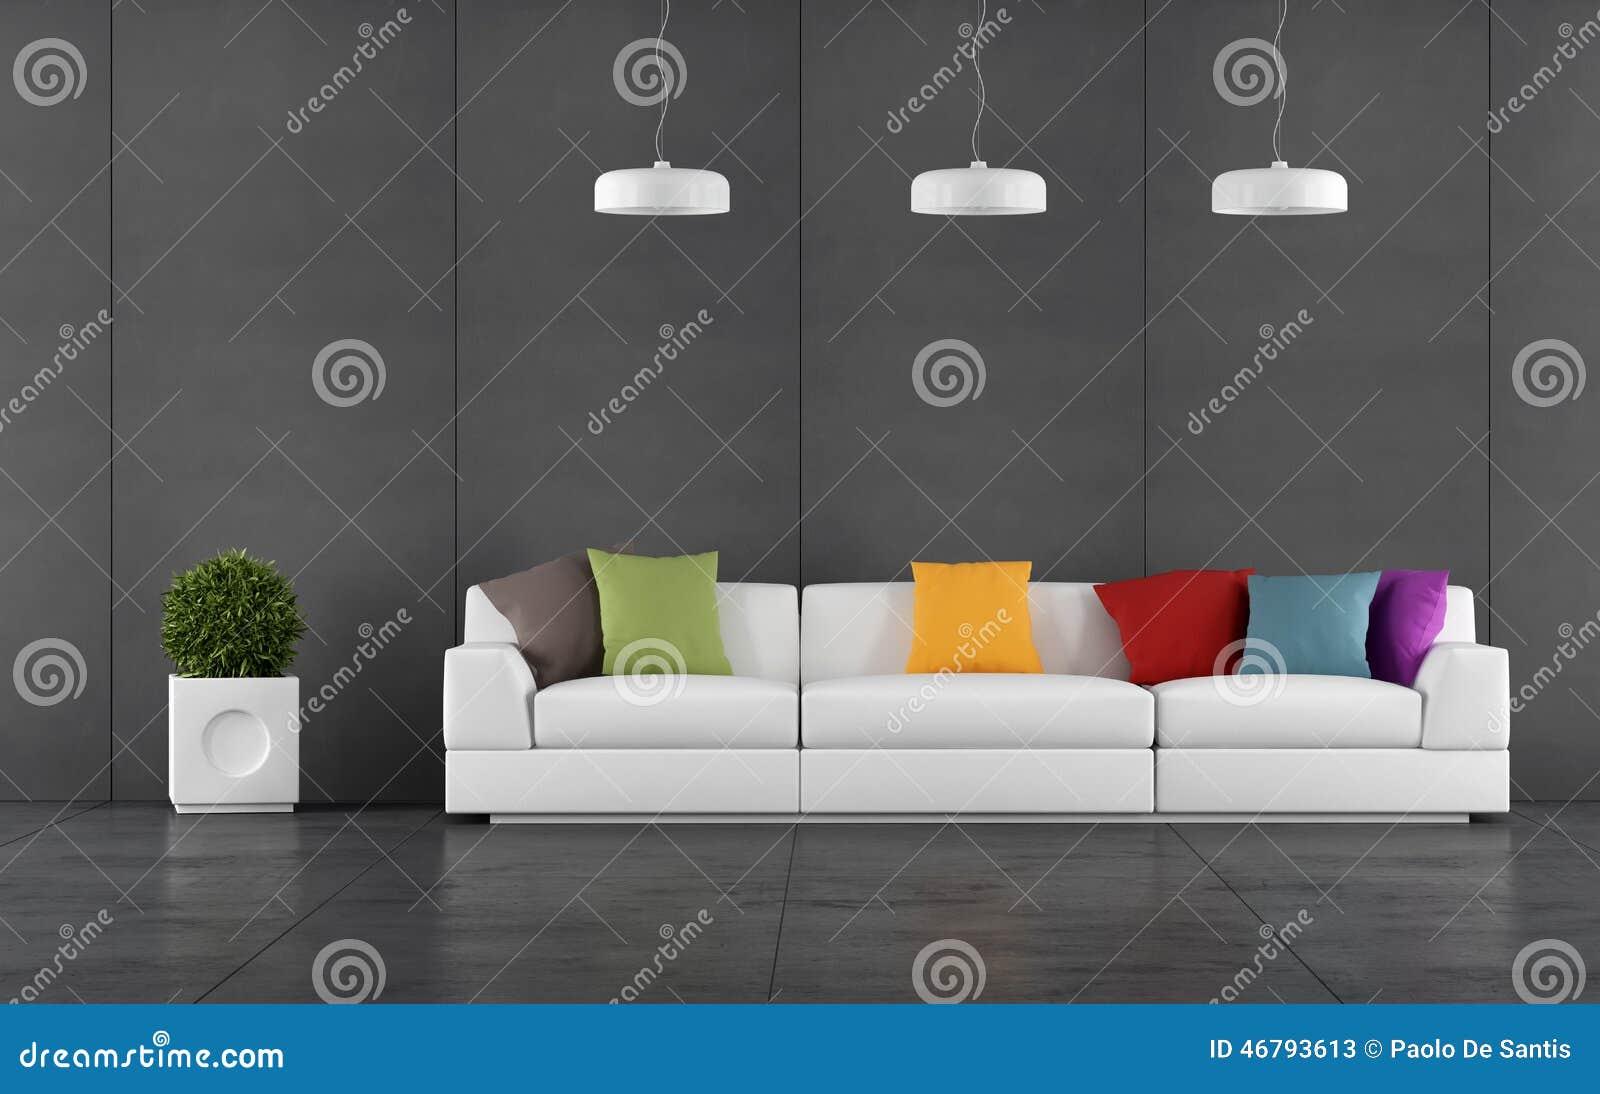 Schon Download Schwarzes Wohnzimmer Mit Wandtafeltäfelung Stock Abbildung    Illustration Von Horizontal, Panel: 46793613